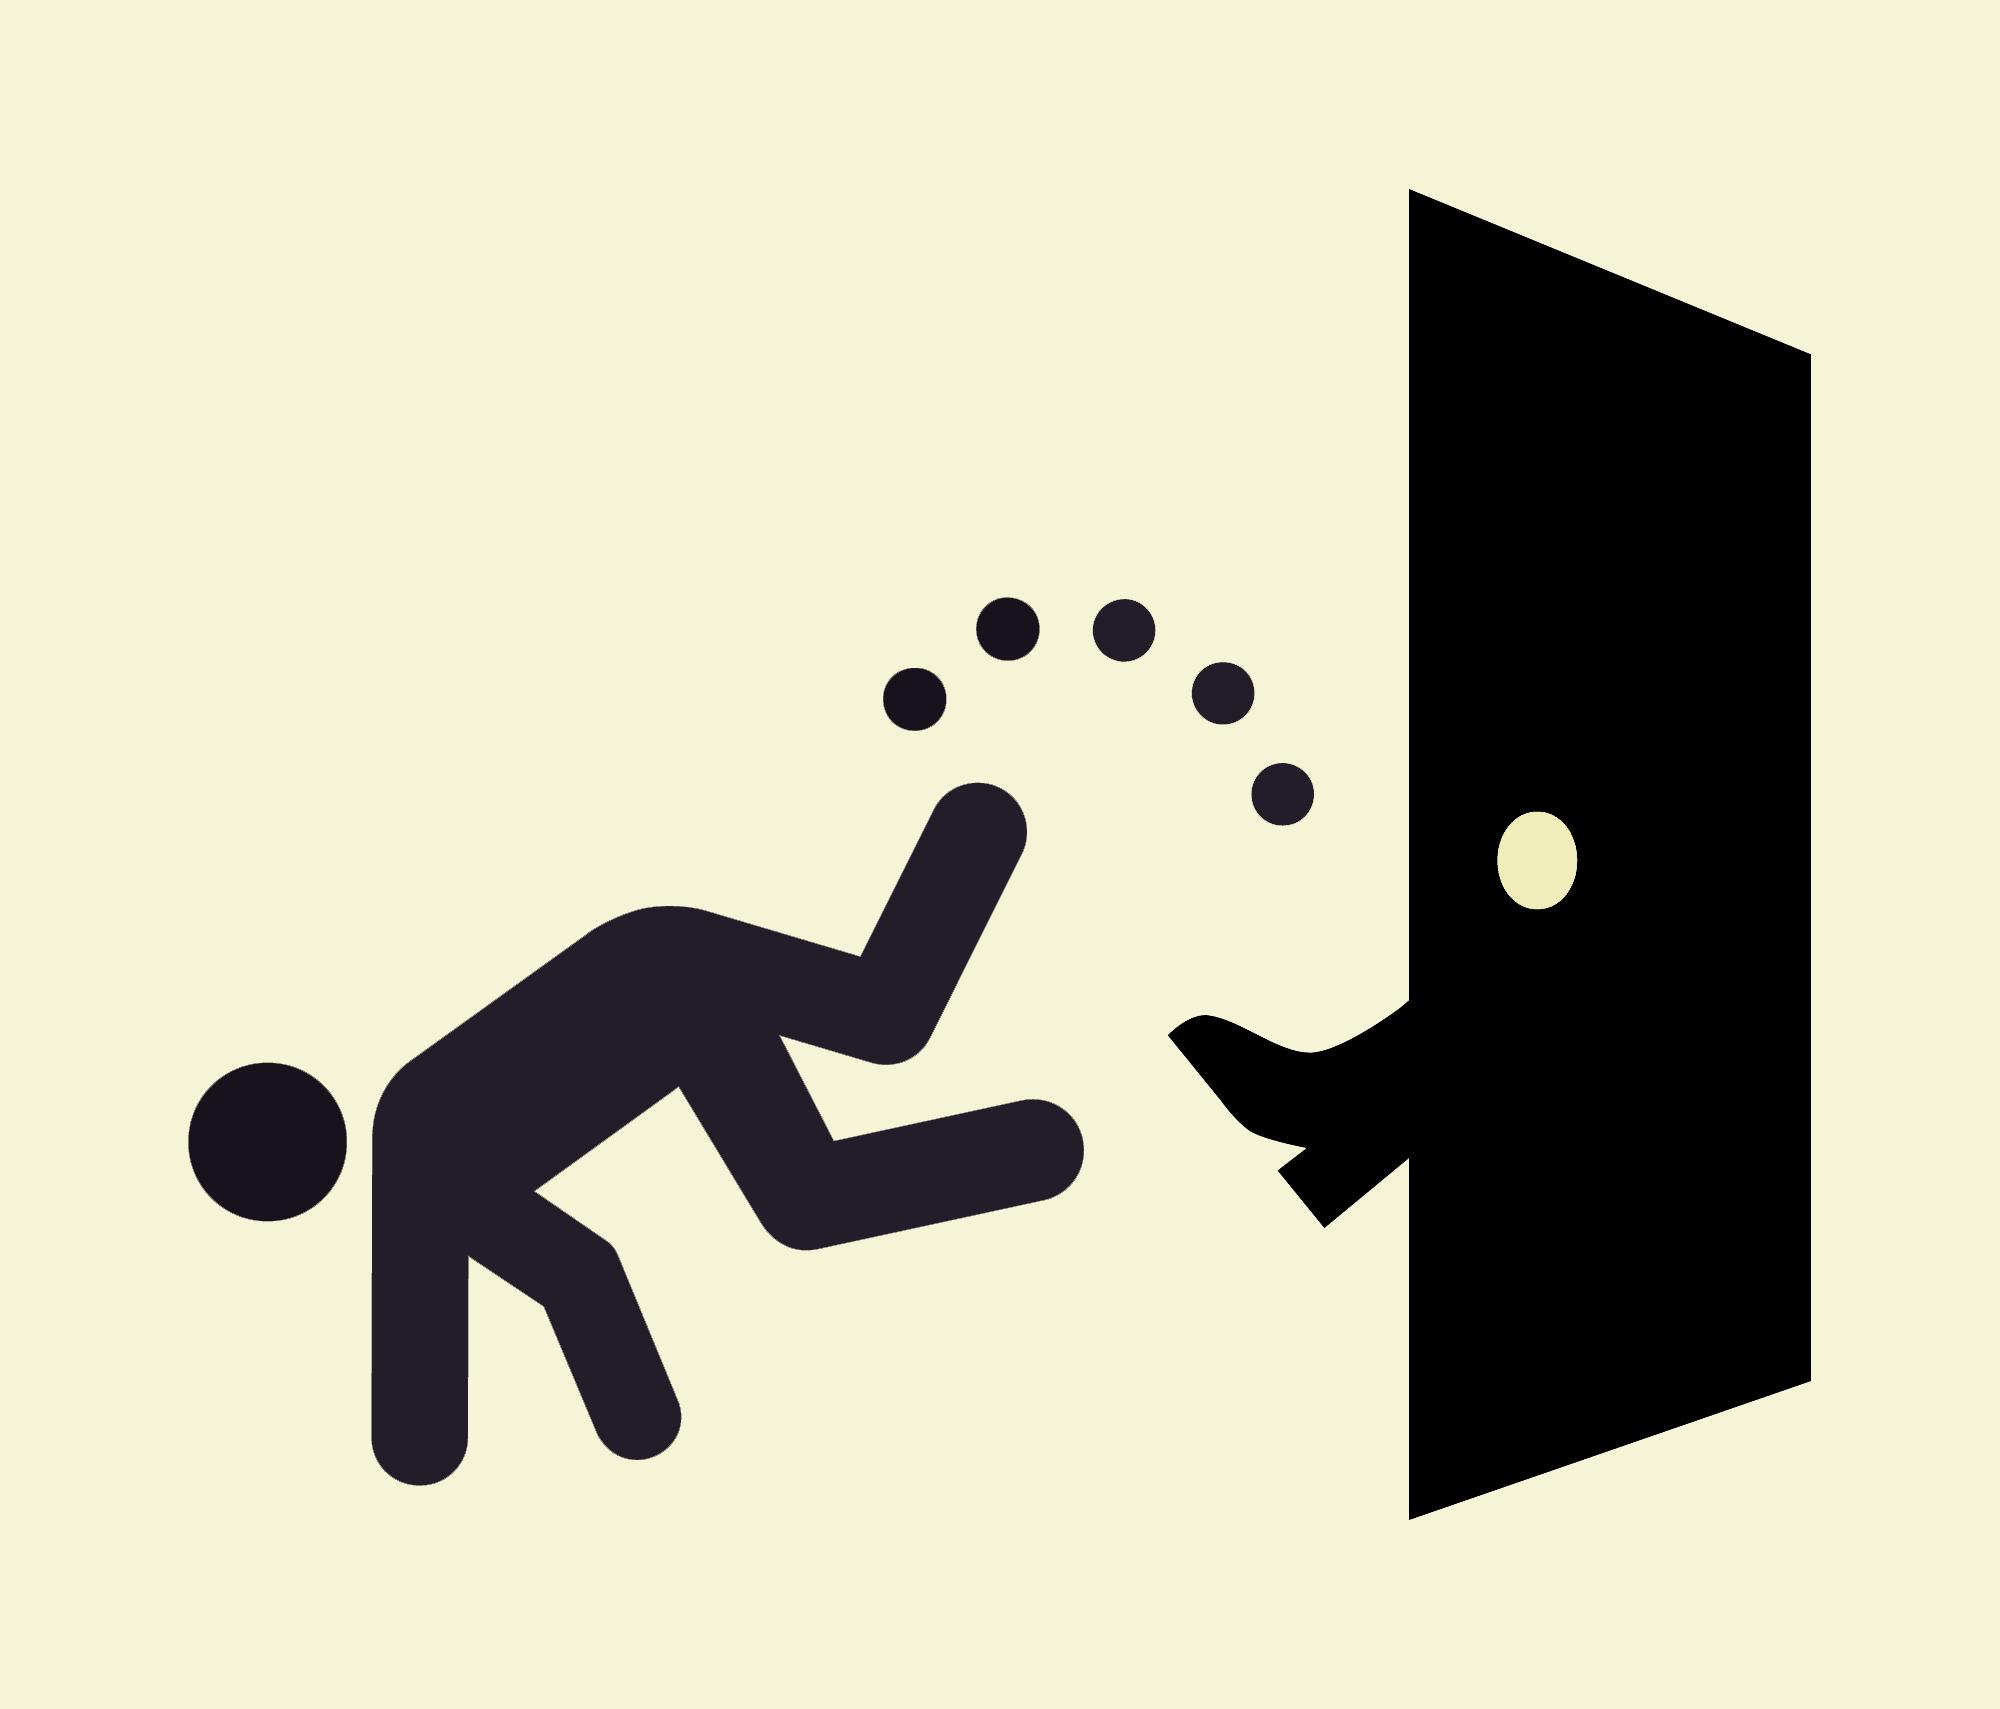 Verknochtheid: exploitatierechten kunnen buiten de huwelijksgemeenschap vallen.